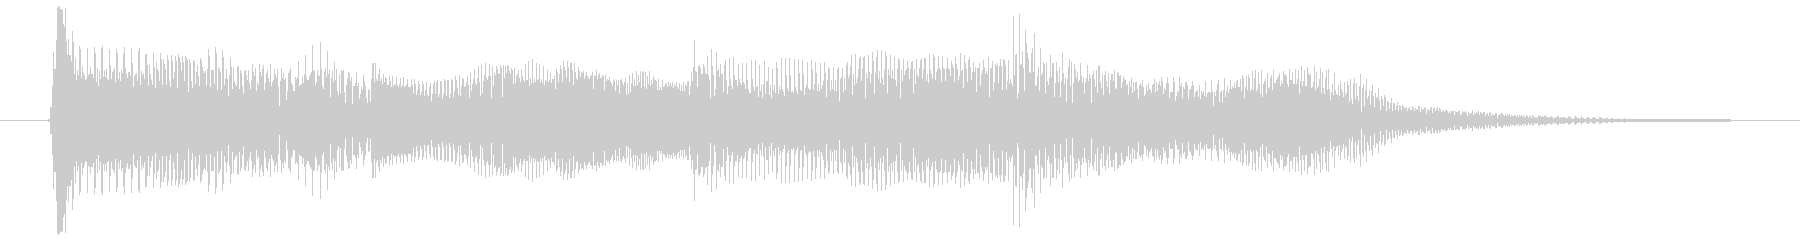 ゲームオーバー ミス 決定音 選択 使用の未再生の波形